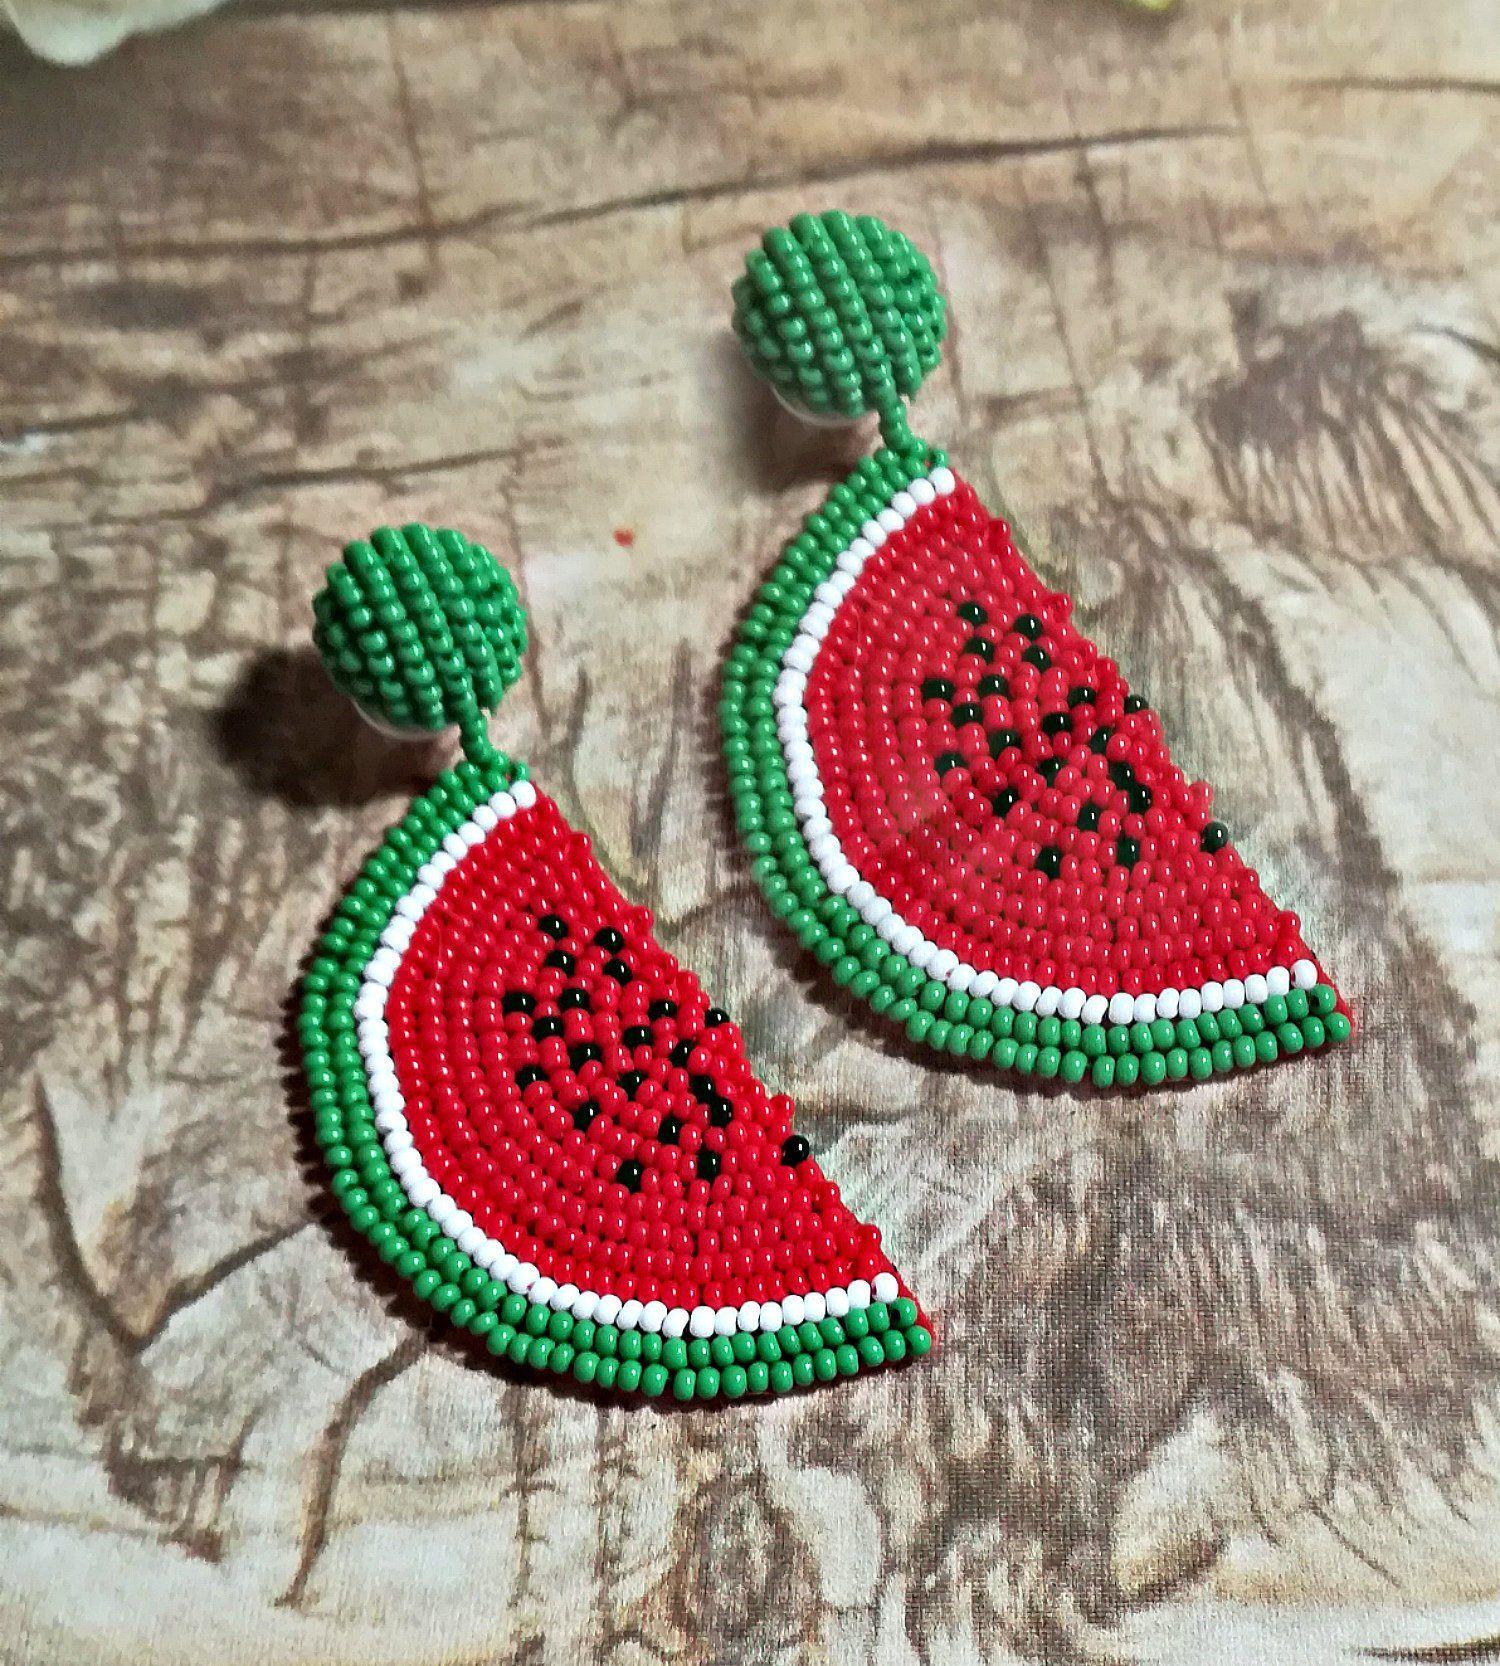 Watermelon Drop Earrings Dangle Earrings Seed Beads Beaded Earrings Jewelry Gift for Her Foodie Fruit Handmade Wearable Art